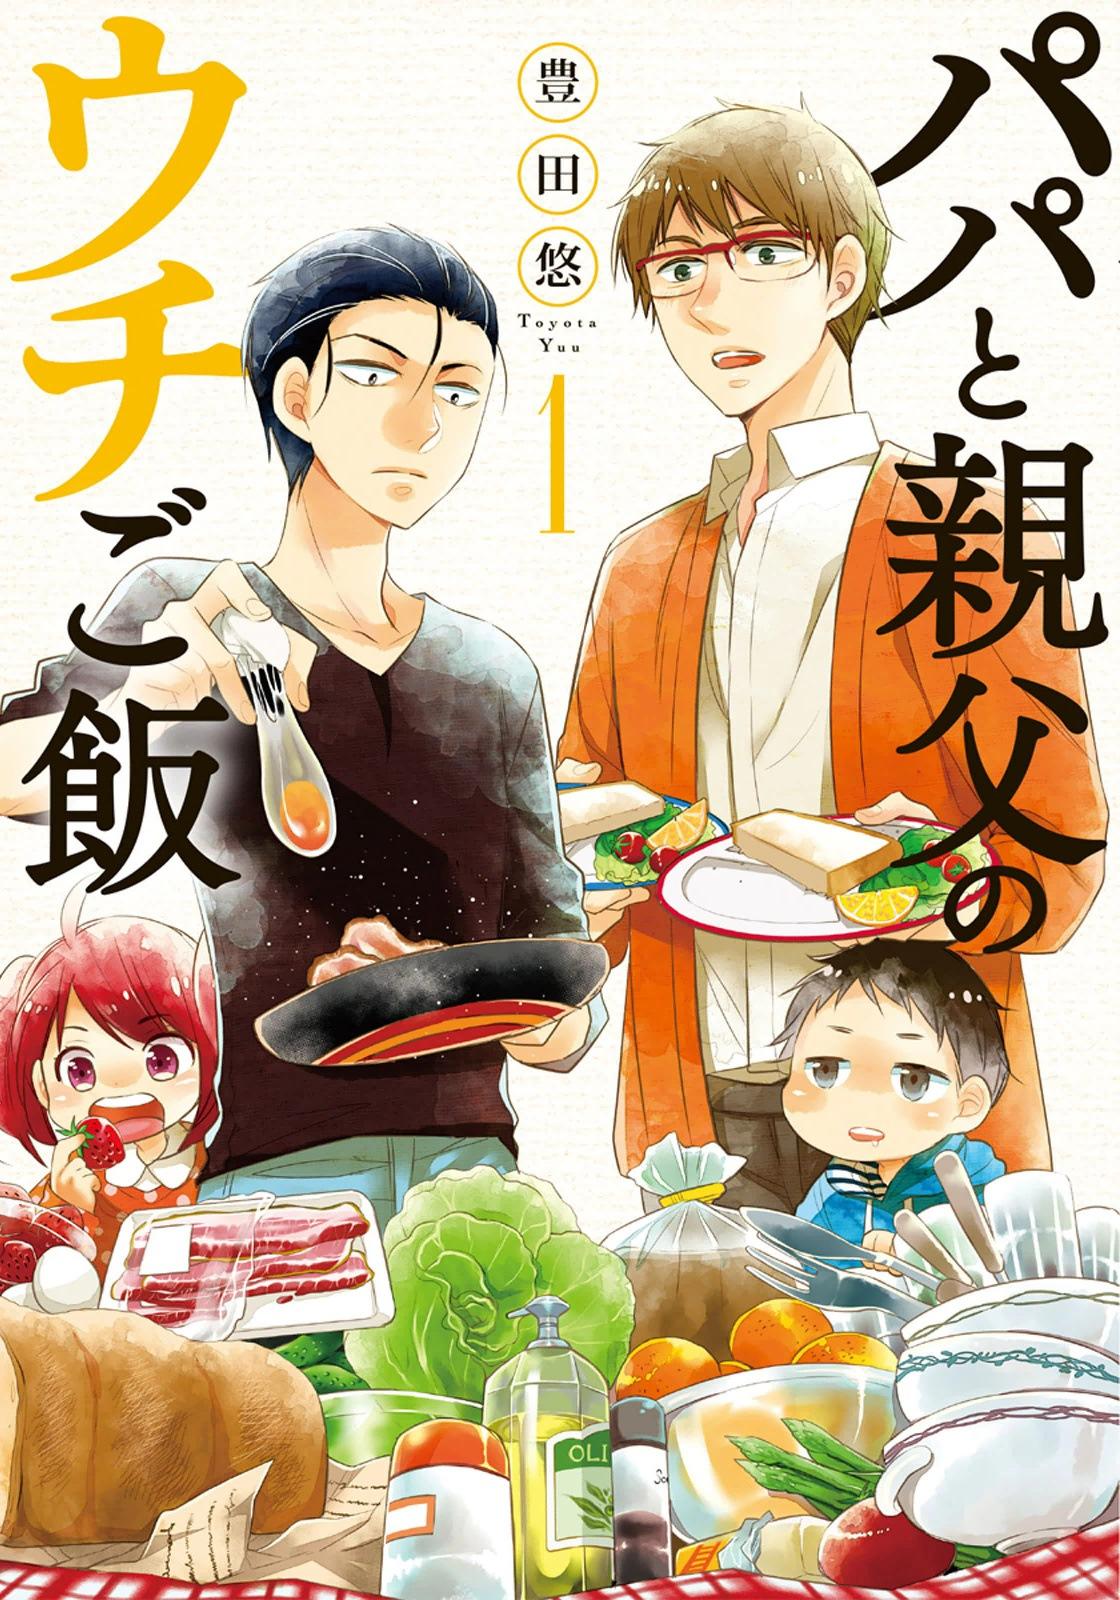 5 Manga Bertemakan Karakter Bapak Rumah Tangga Yang Menarik 3